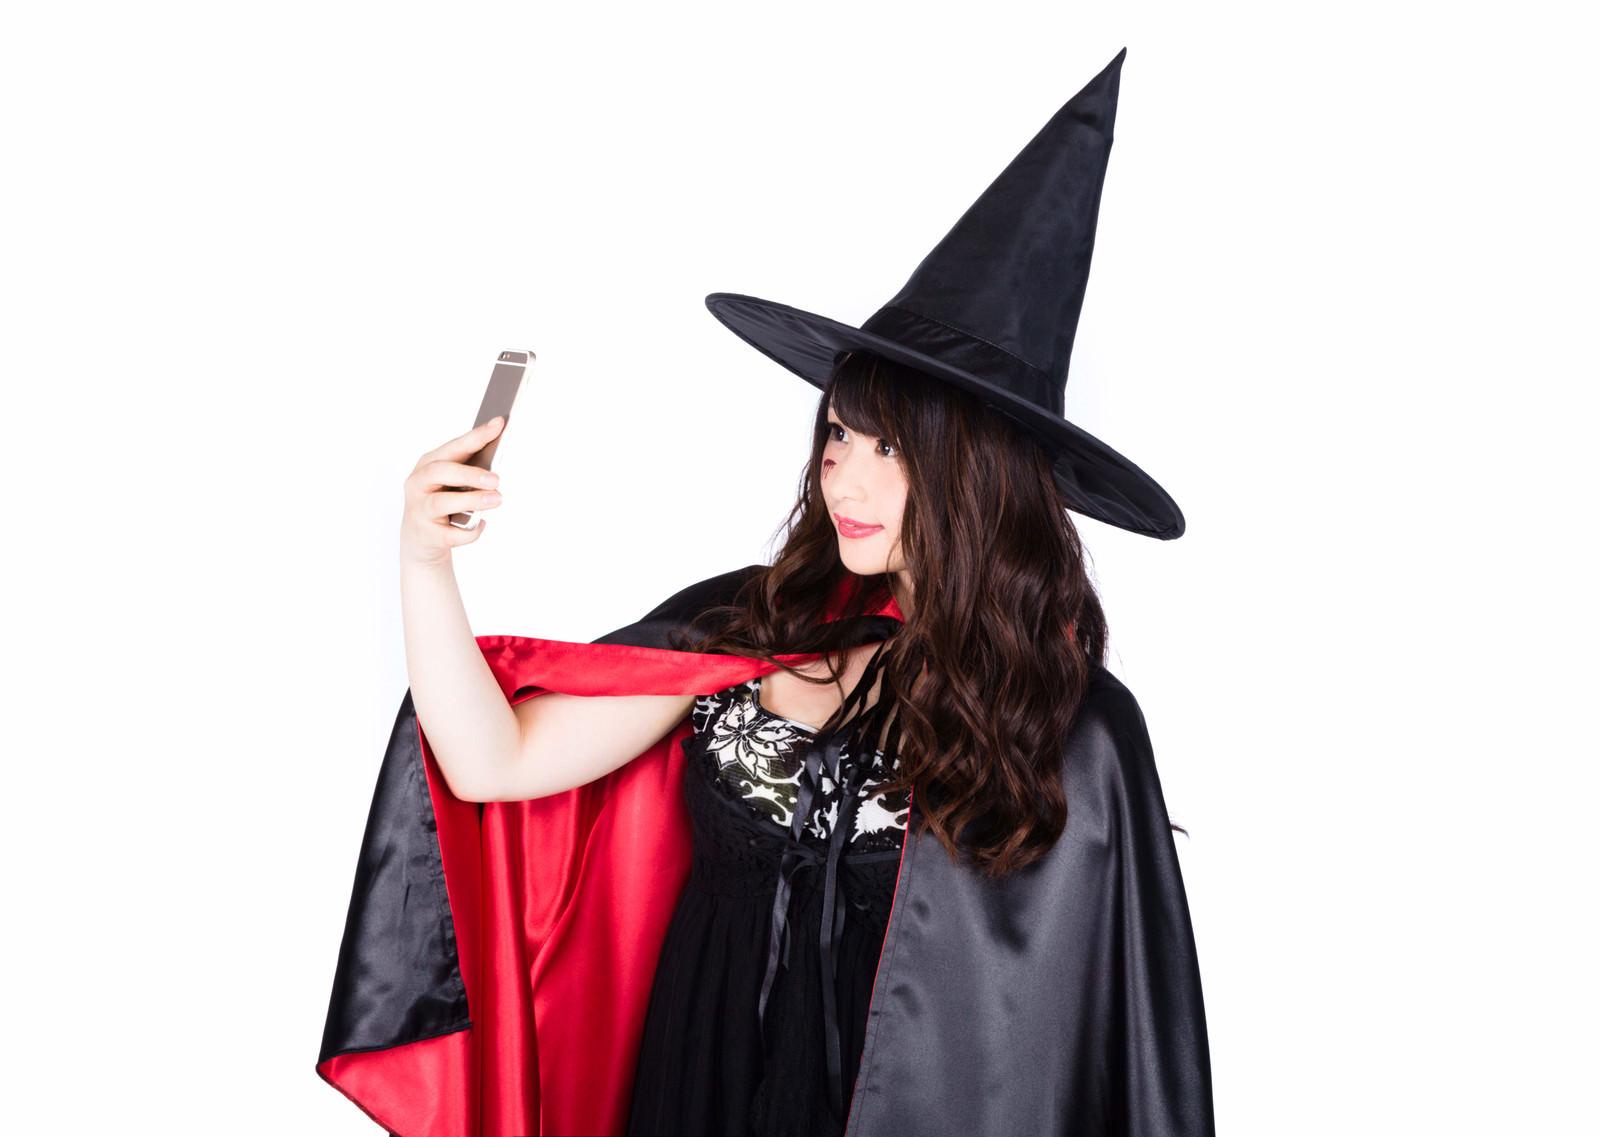 「自撮りする魔女(ハロウィン)自撮りする魔女(ハロウィン)」[モデル:茜さや]のフリー写真素材を拡大